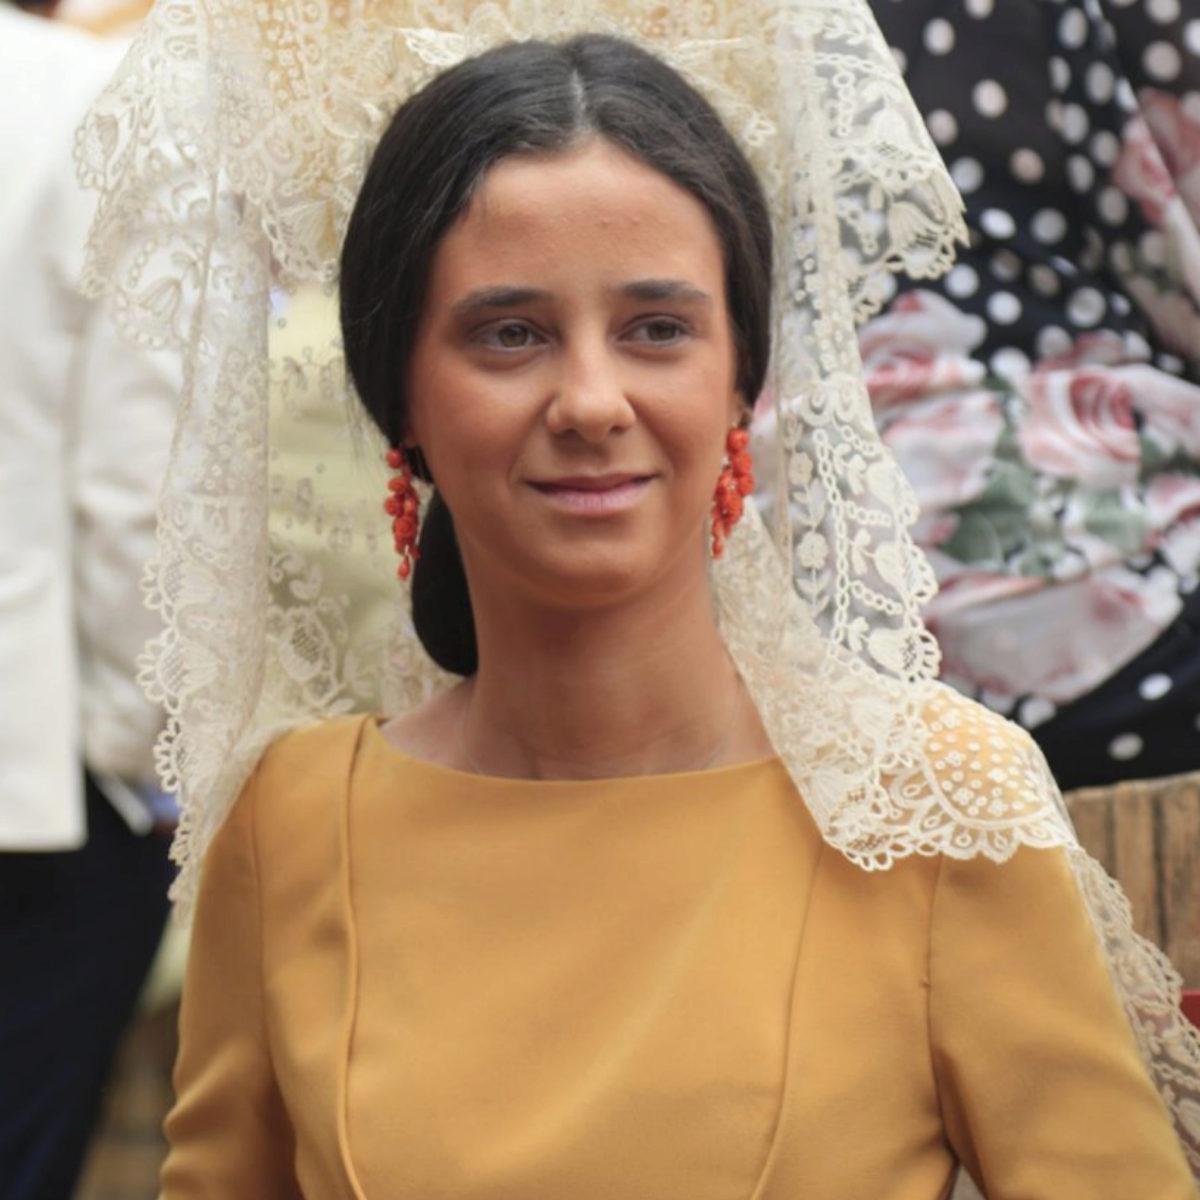 Durante la Feria de Abril, Victoria Federica triunfó en la...